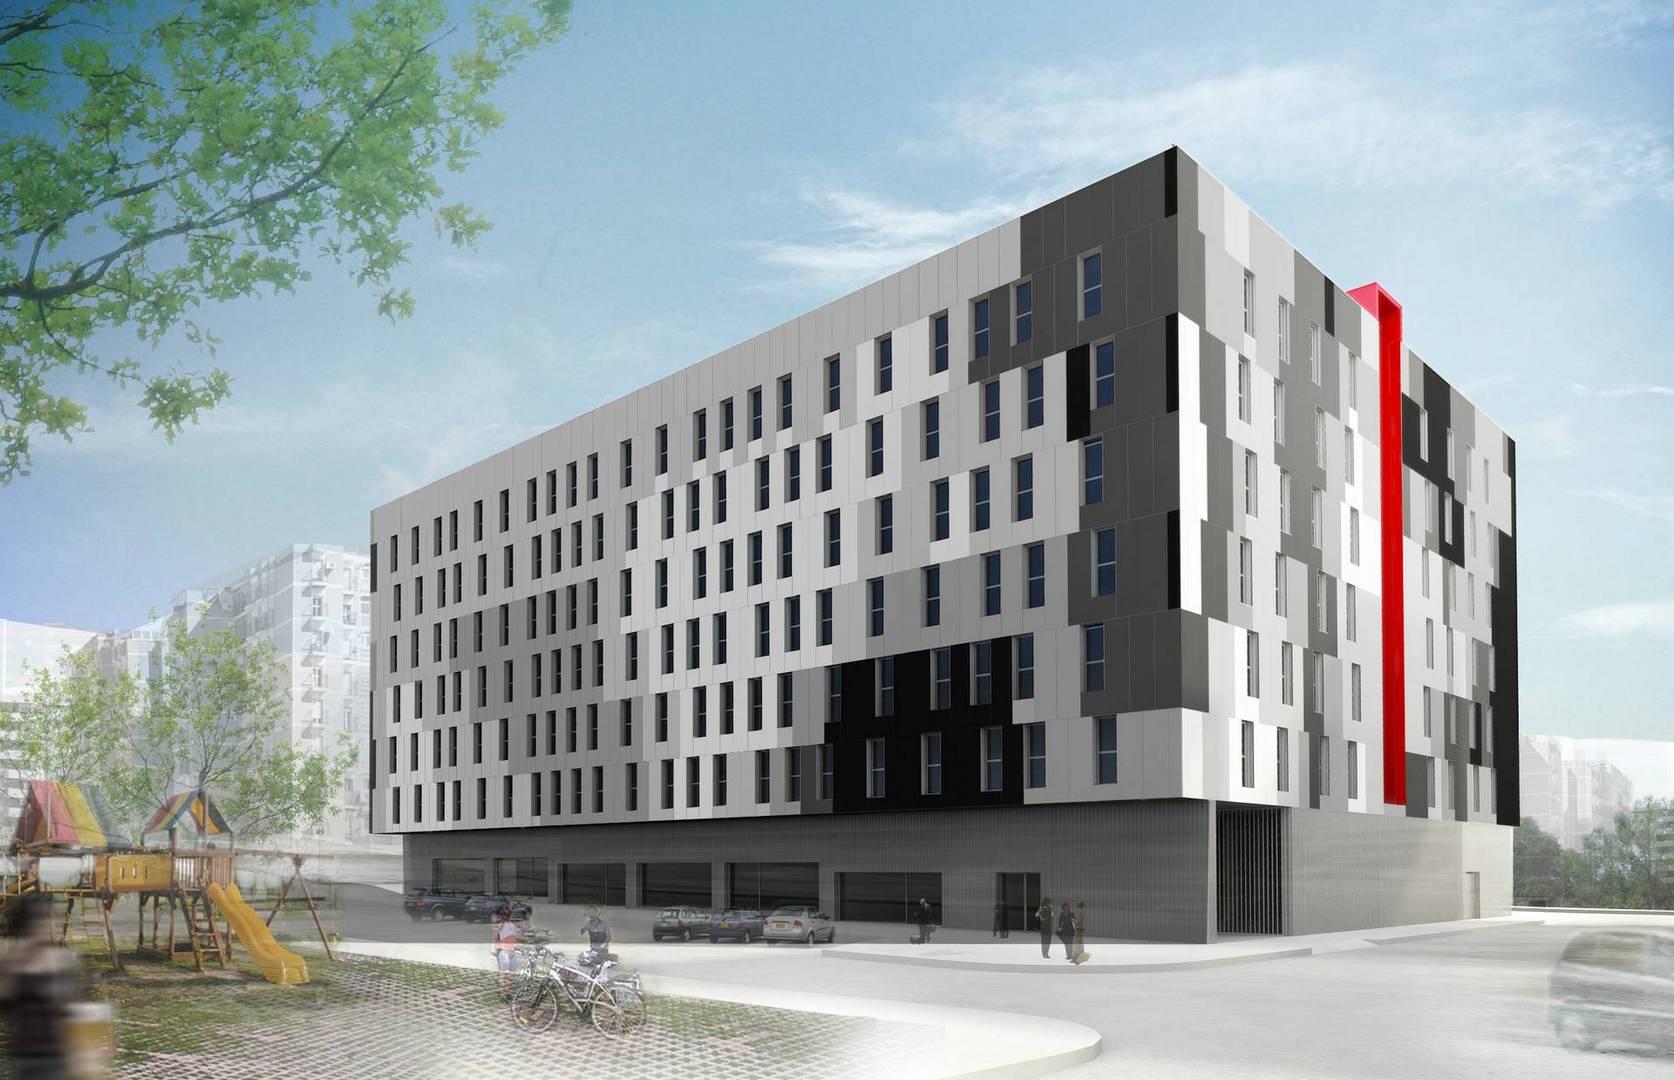 100 viviendas de protecci n oficial en m laga unia - Arquitectos malaga ...